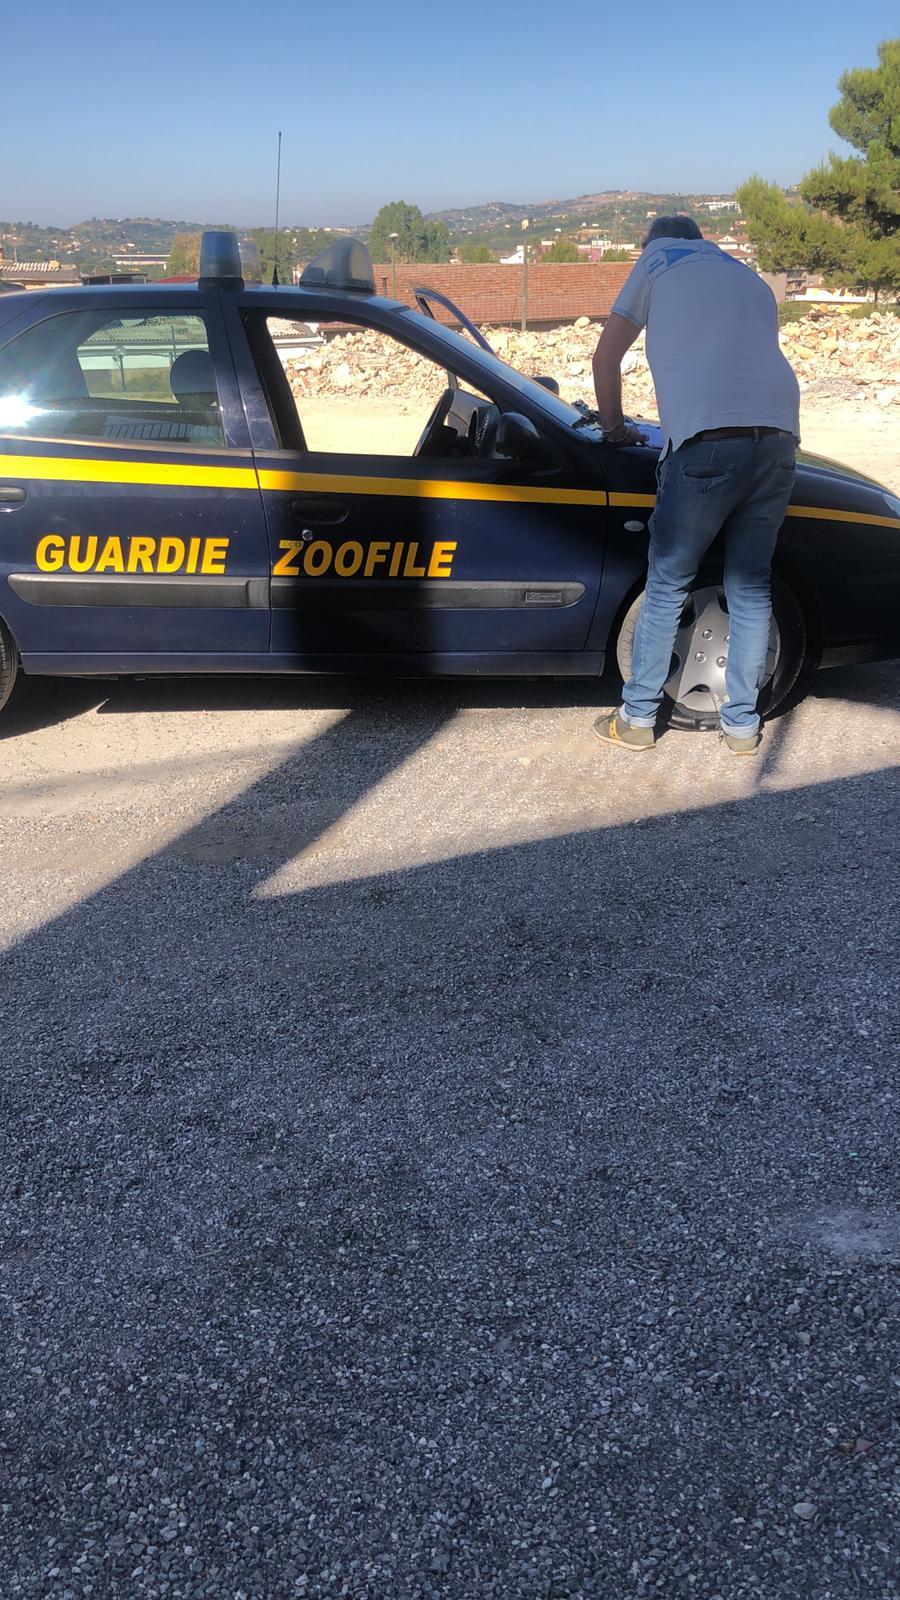 Ancora abbandoni di cuccioli a Caltanissetta intervengo le Guardie ecozoofile in via Gibil habib